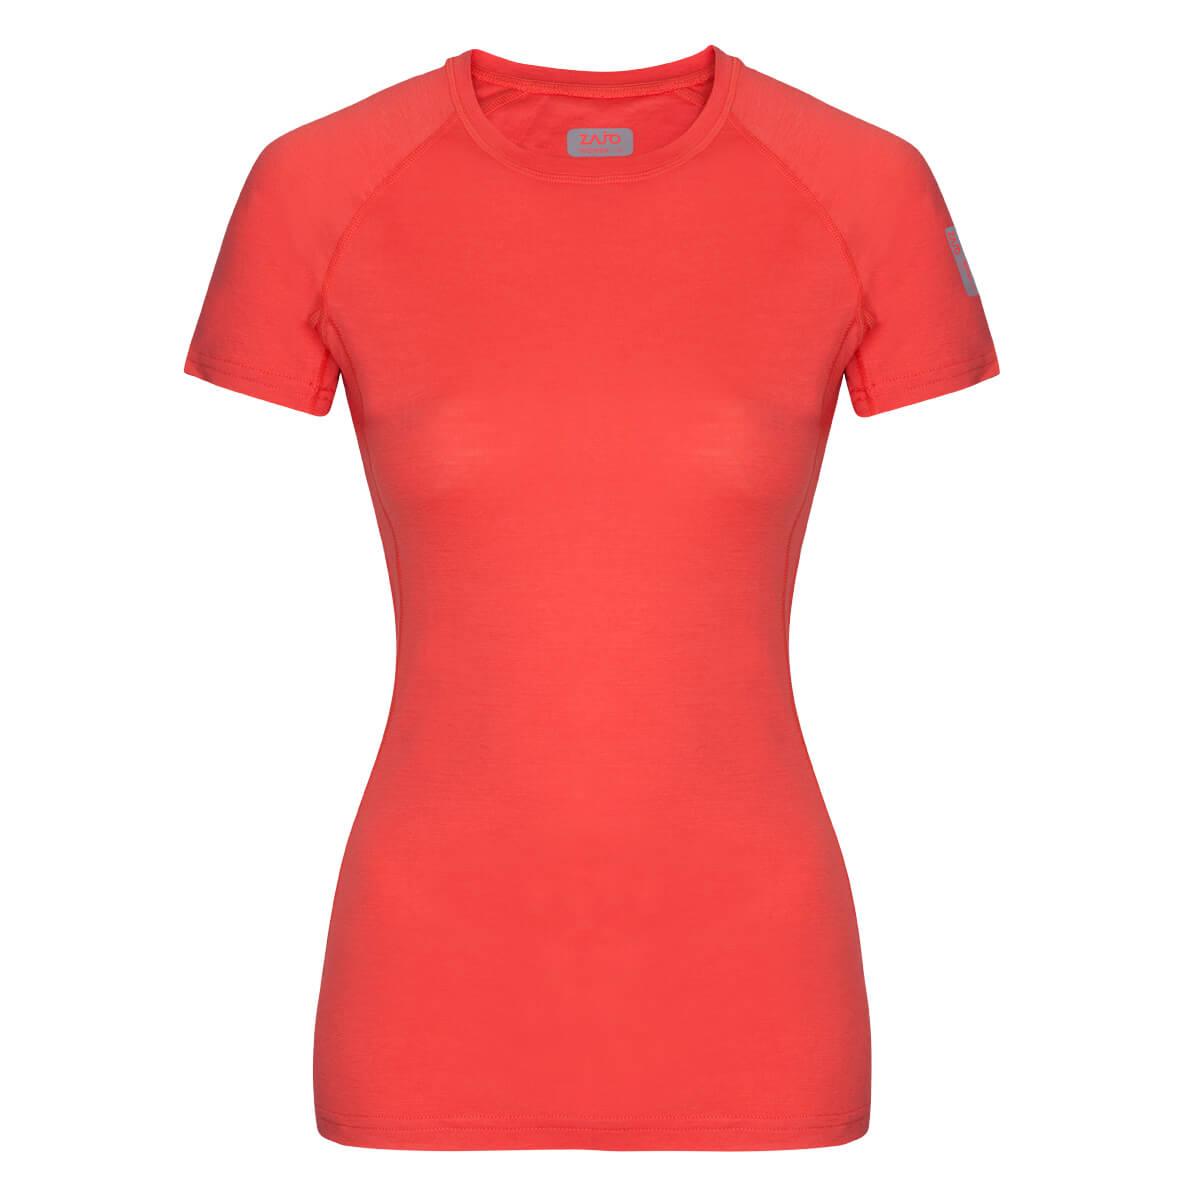 Dámske tričko Elsa Merino T-shirt SS Coral - veľkosť XS